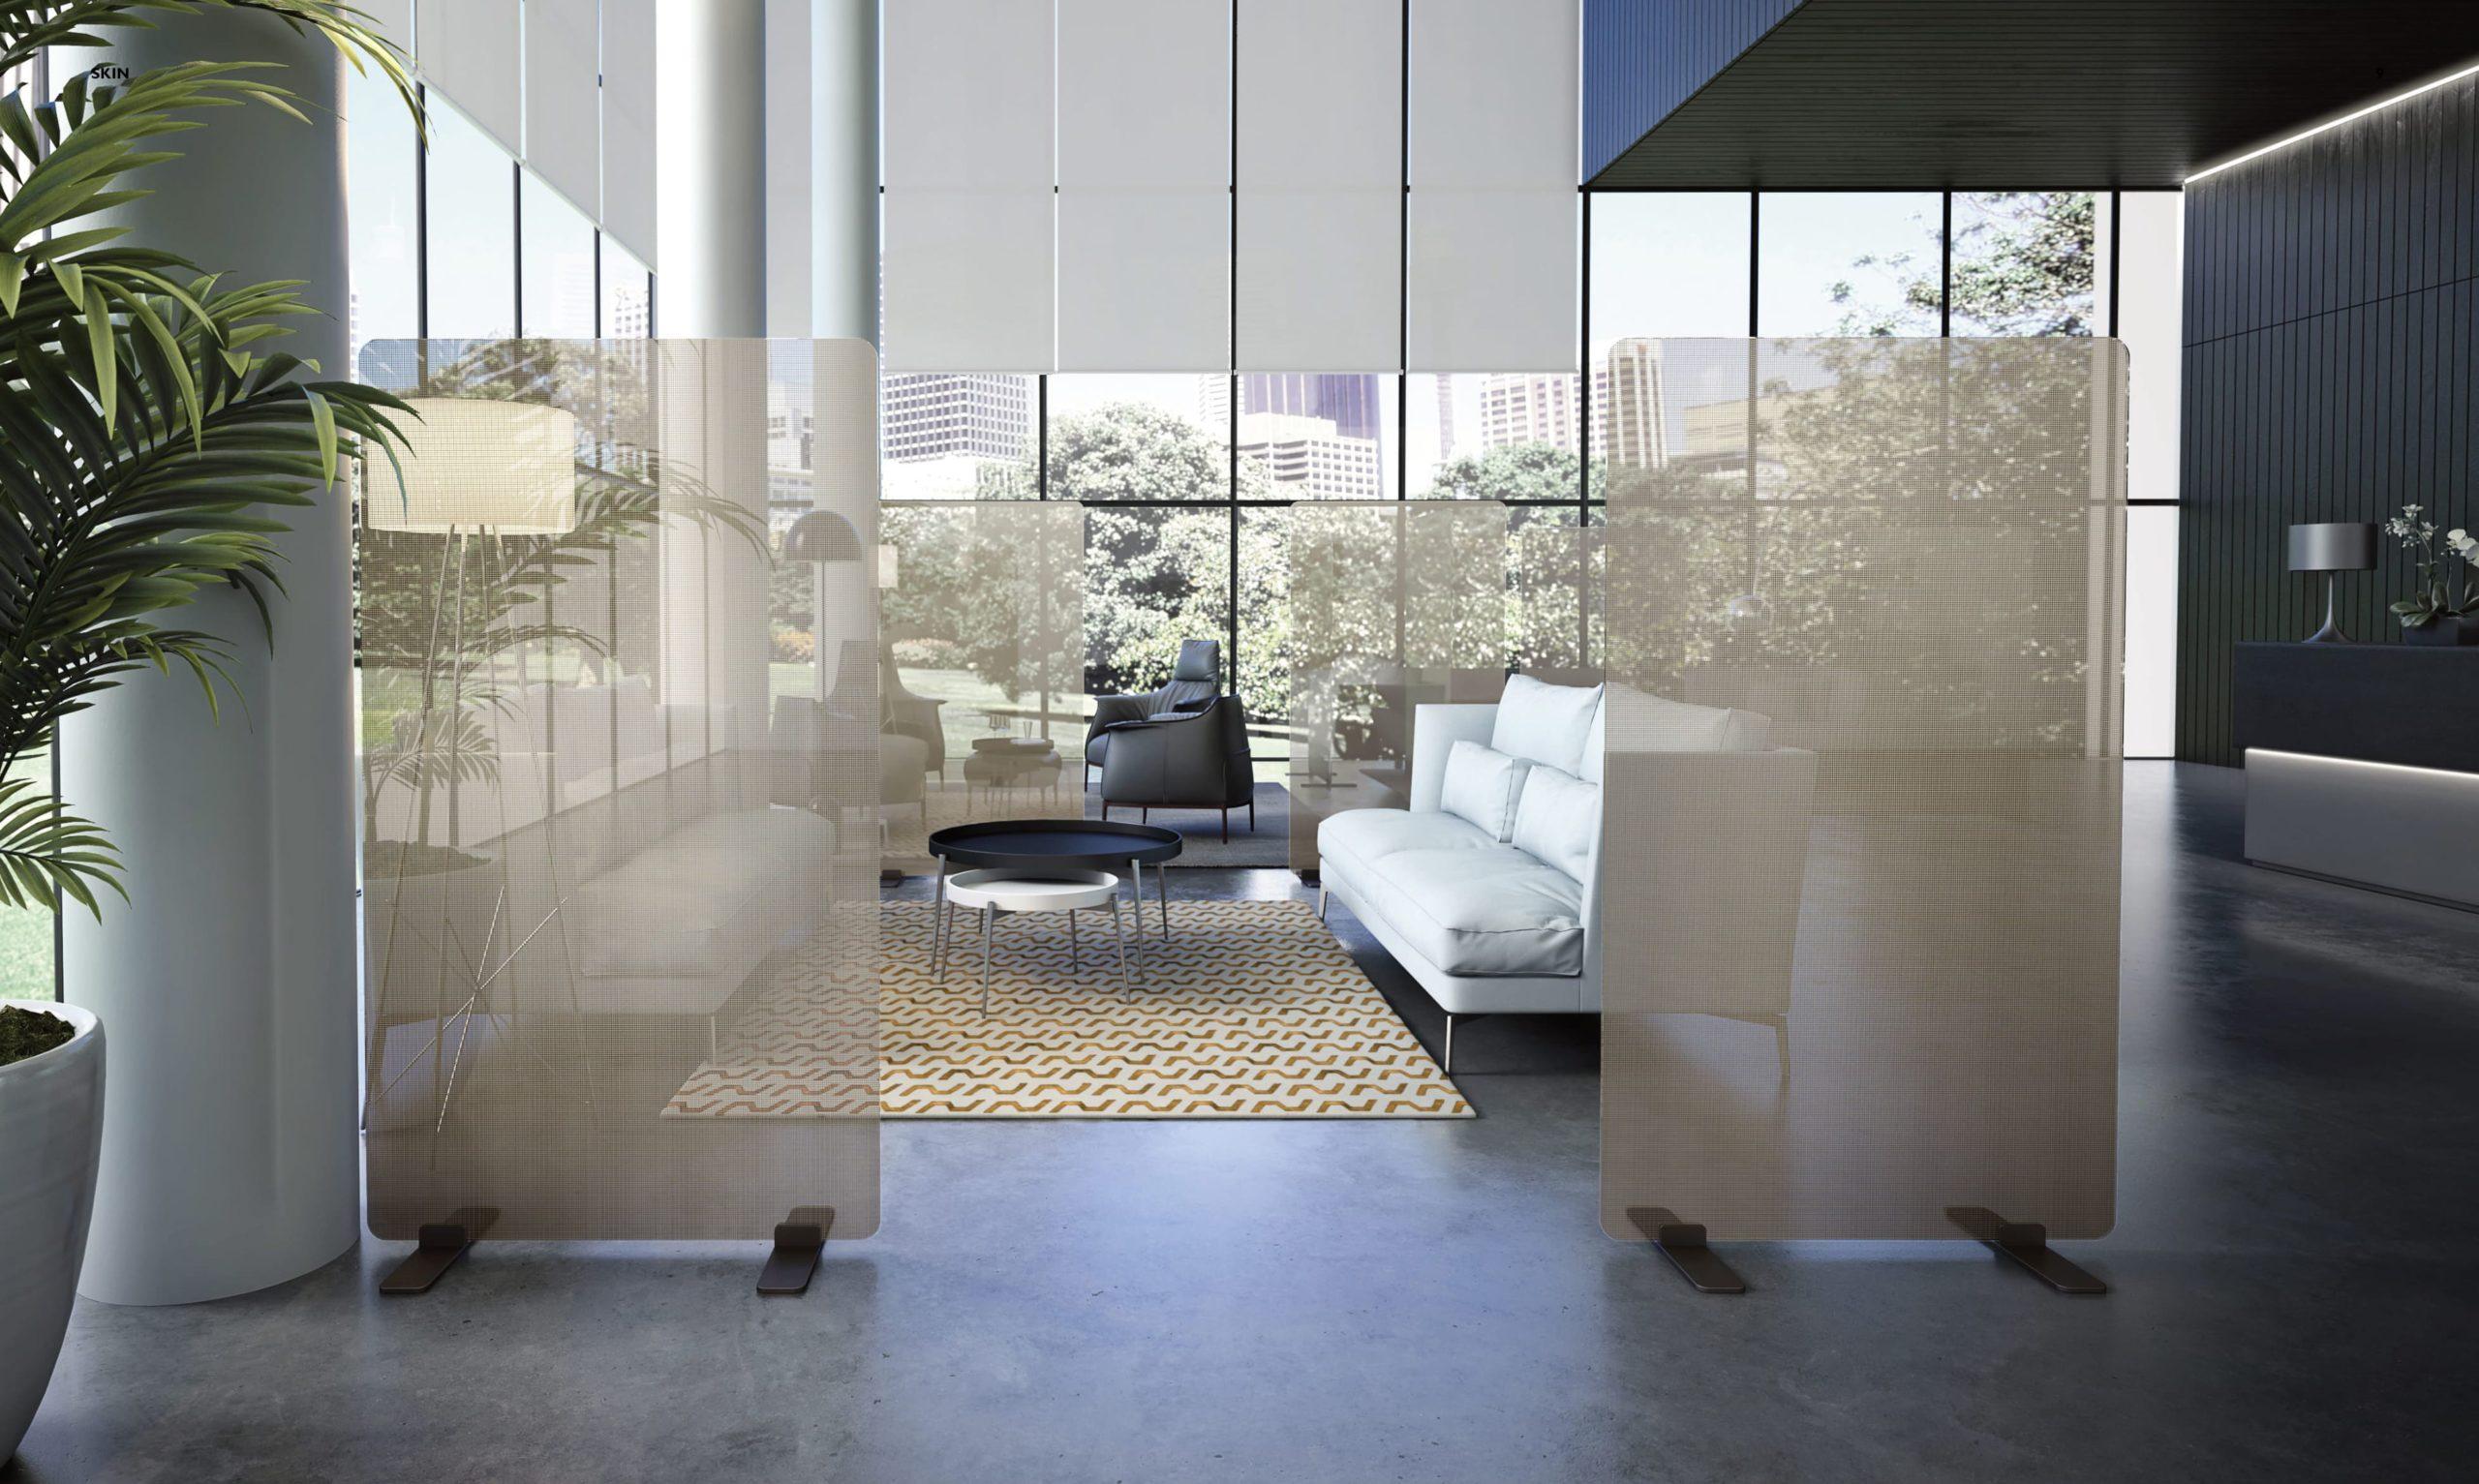 Wohnzimmer Sichtschutz aus Glas modern und teuer